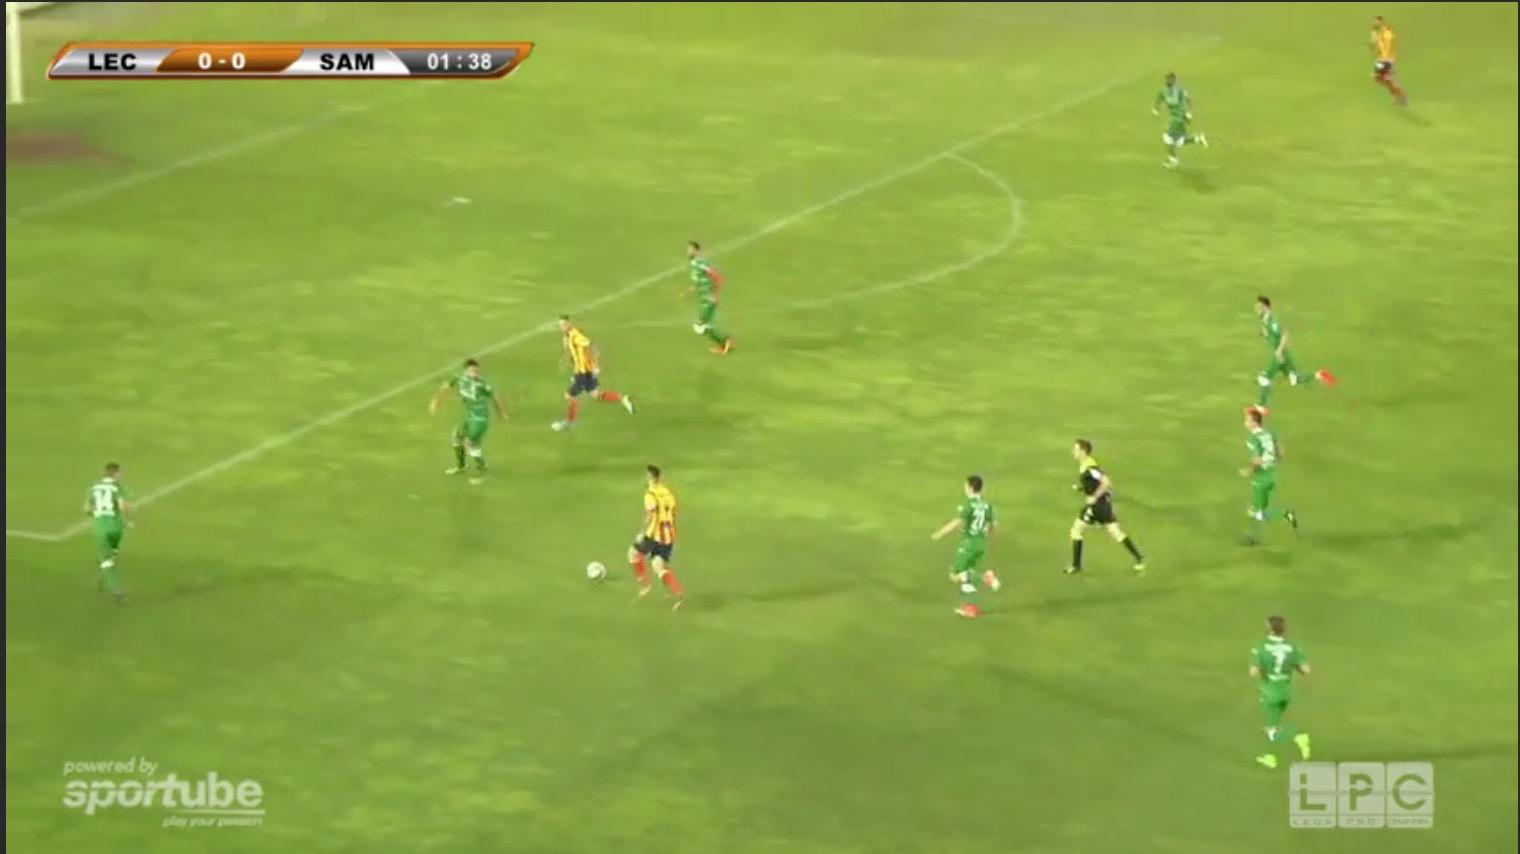 Lega Pro Playoff, colpo della Reggiana a Livorno